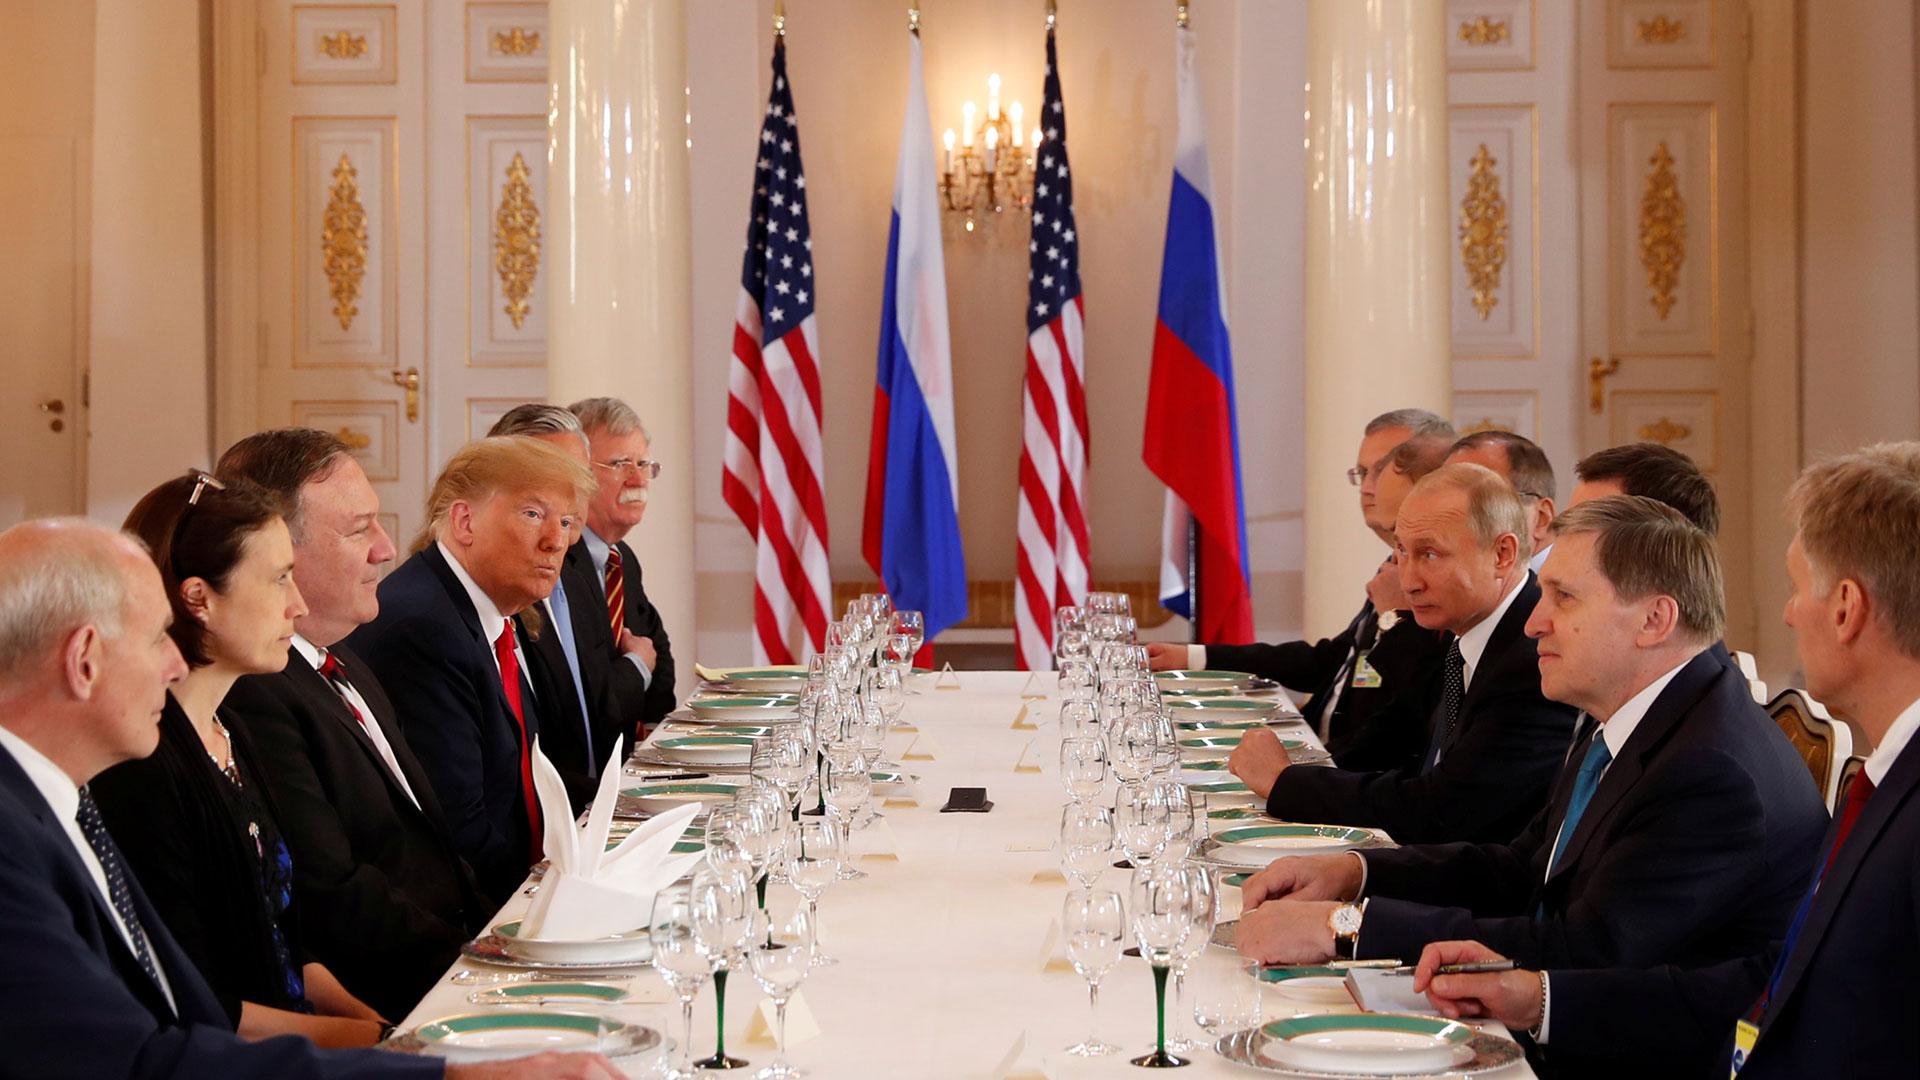 Tras la reunión en privado, los mandatarios continuaron con un almuerzo junto con sus asesores